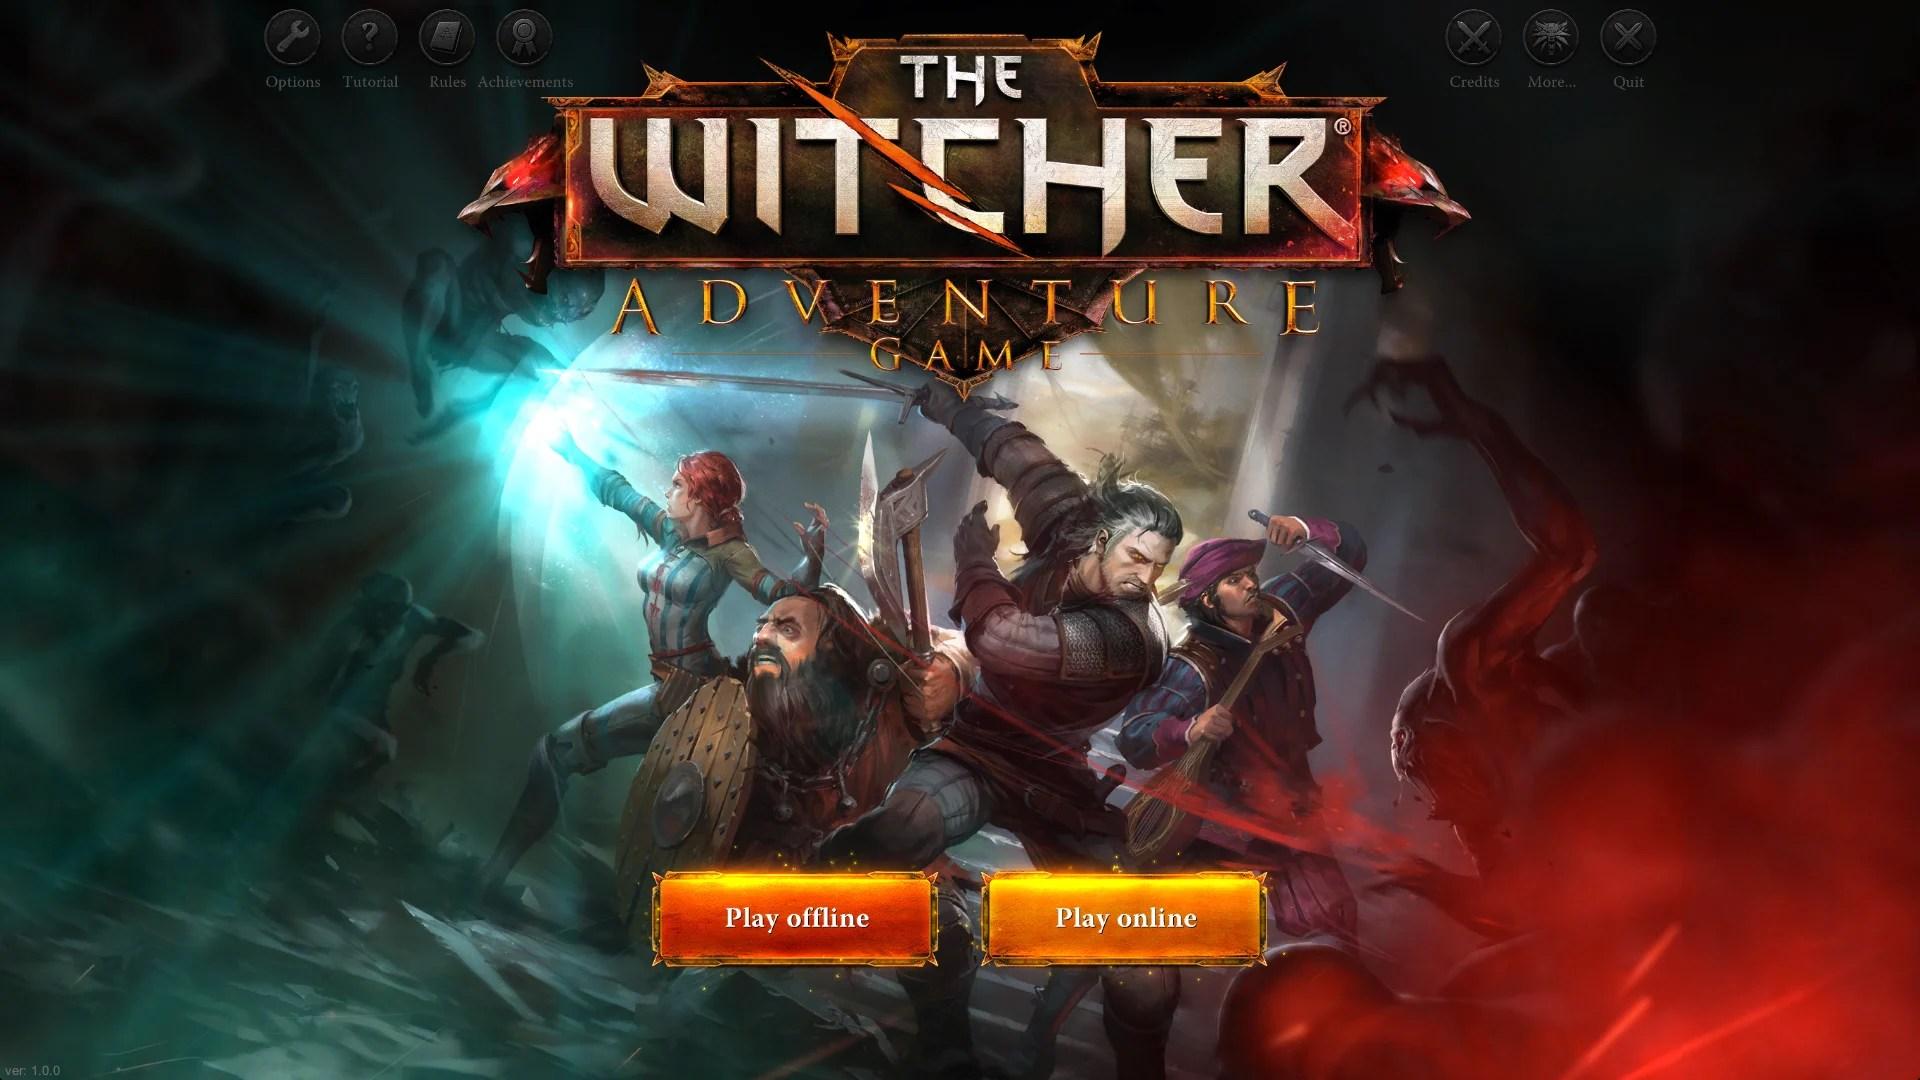 The Witcher Adventure Game passe du jeu de plateau au jeu vidéo